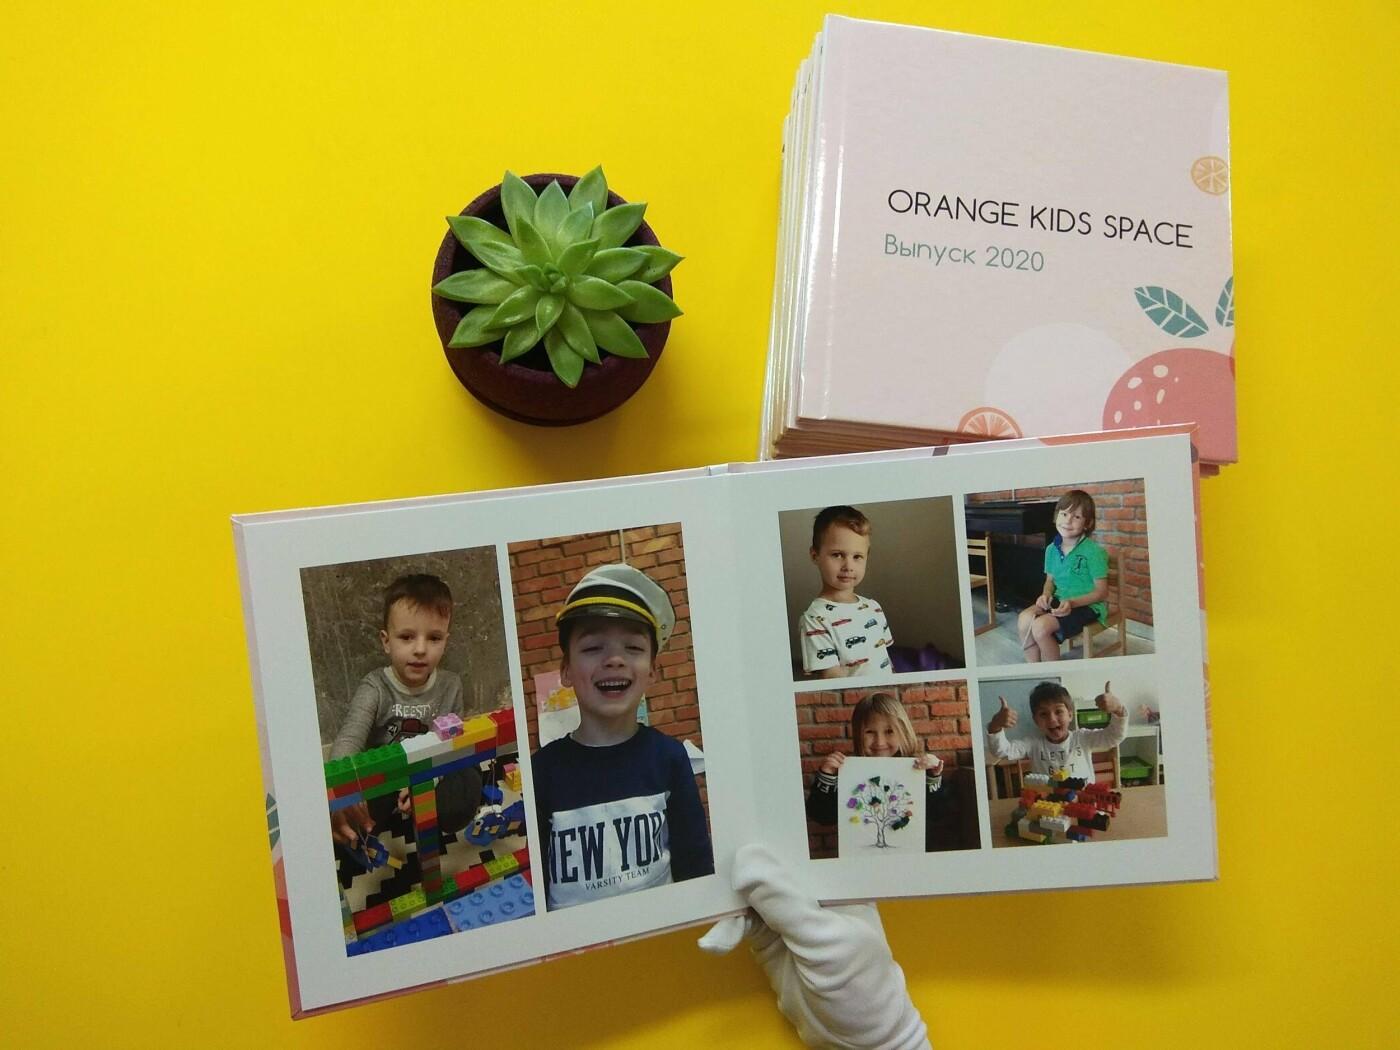 Что подарить на День учителя? 5 лучших идей от Mofy.life, фото-2